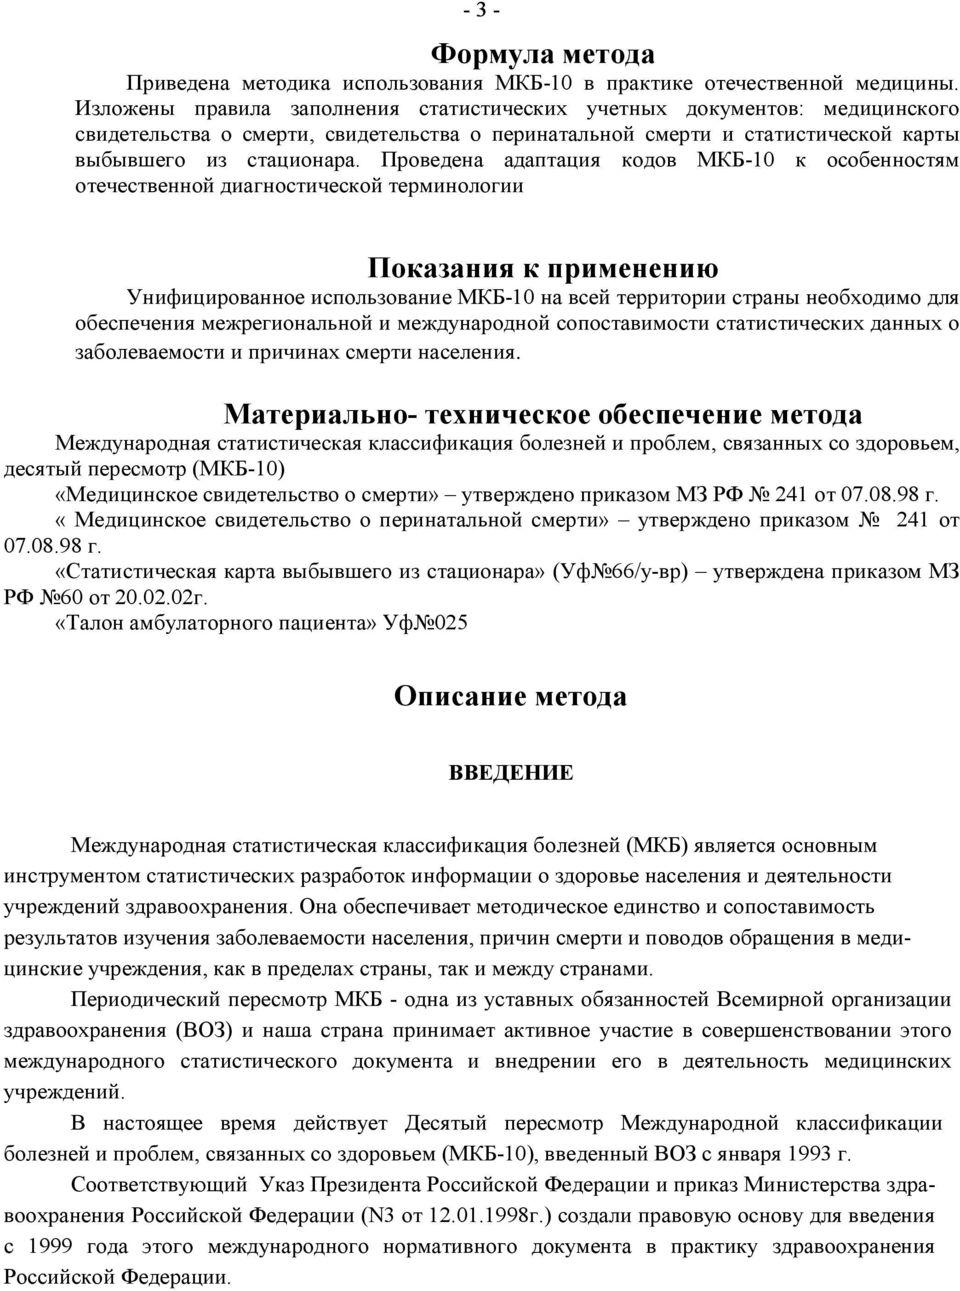 Мкб-10 — википедия. что такое мкб-10